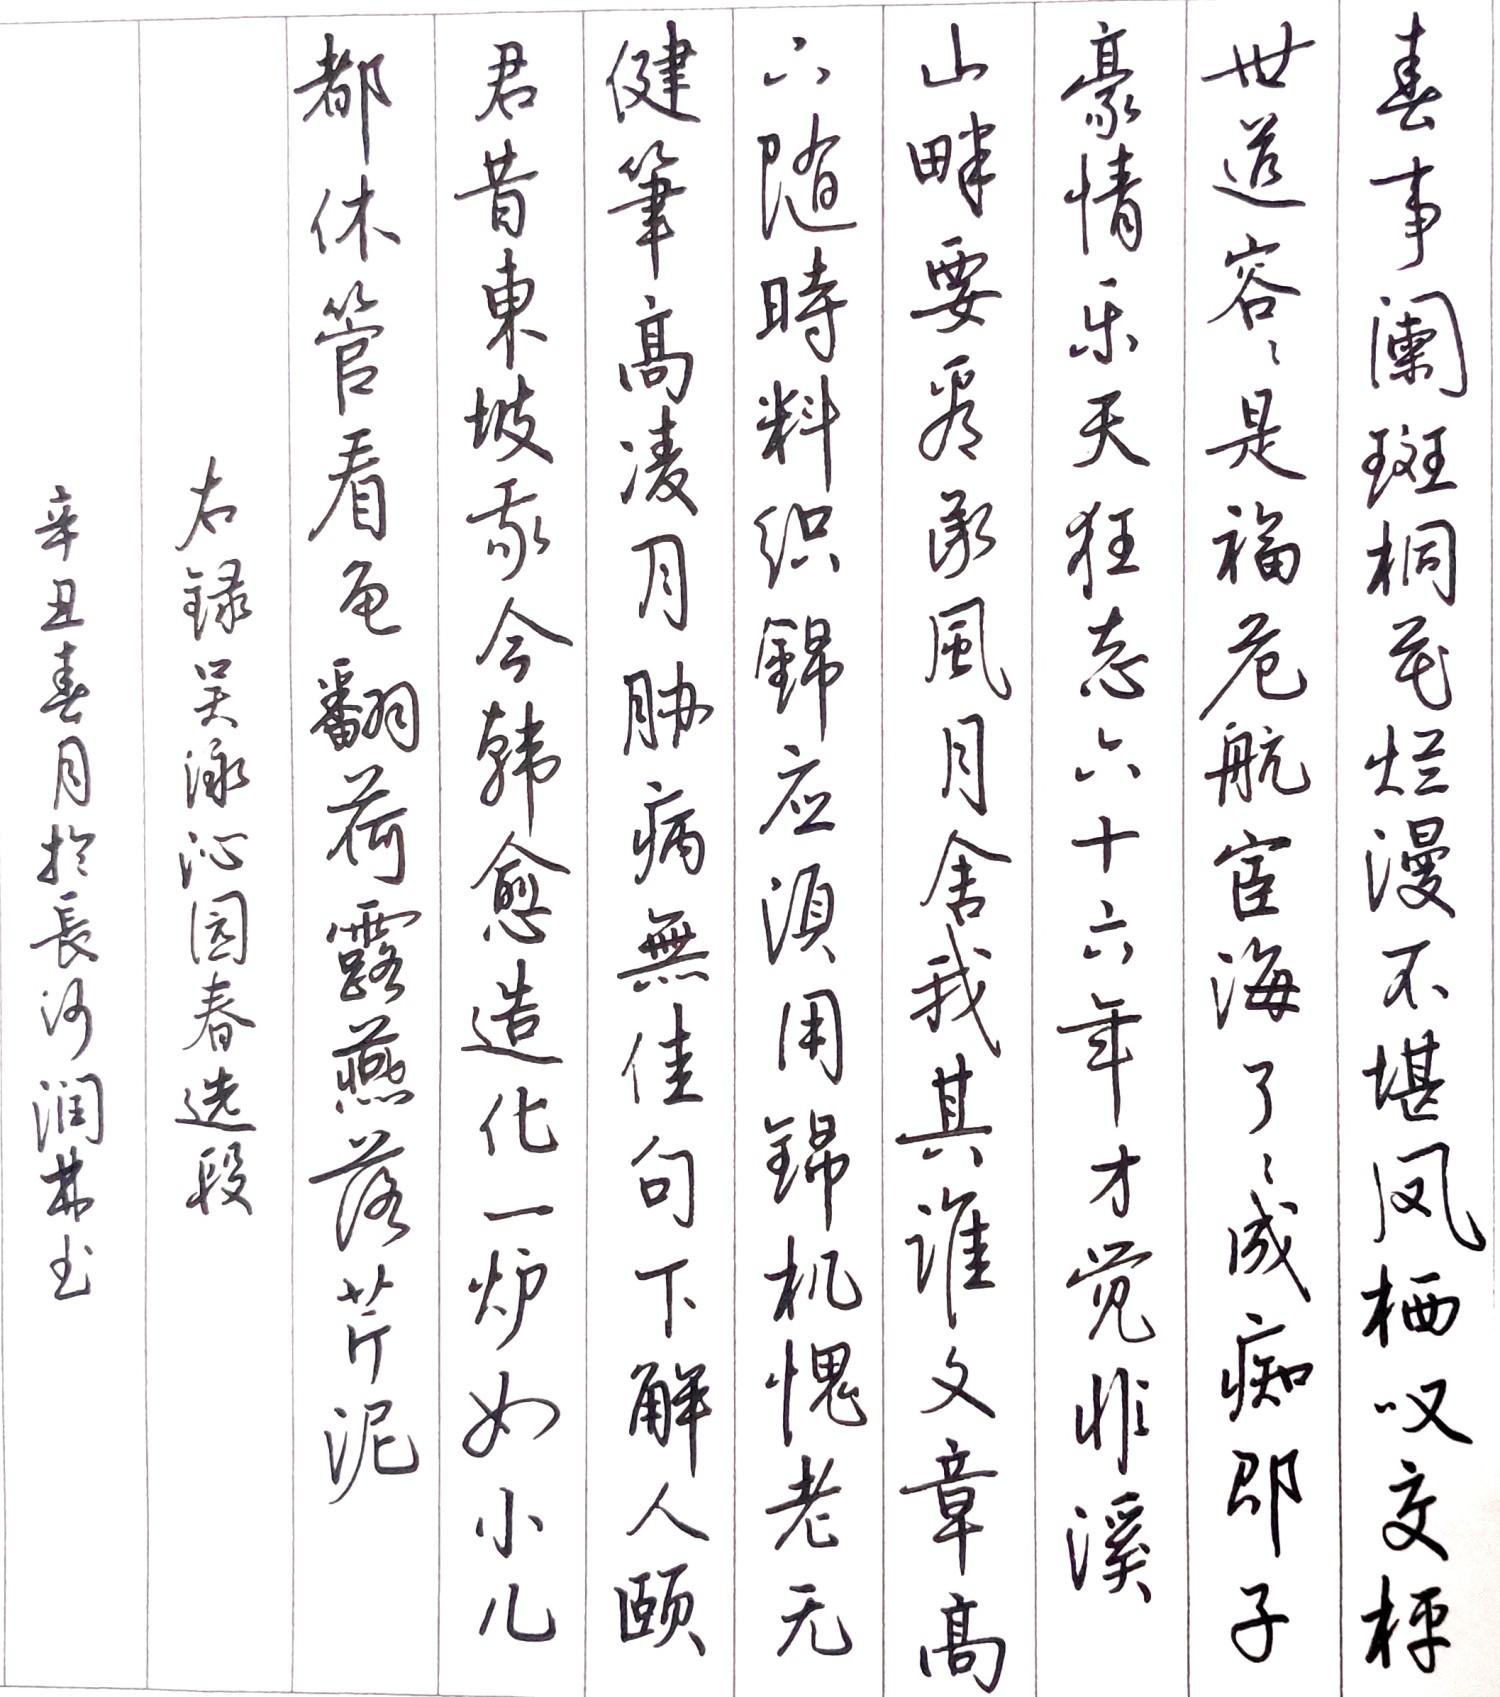 钢笔爱好者练字打卡20210323-12